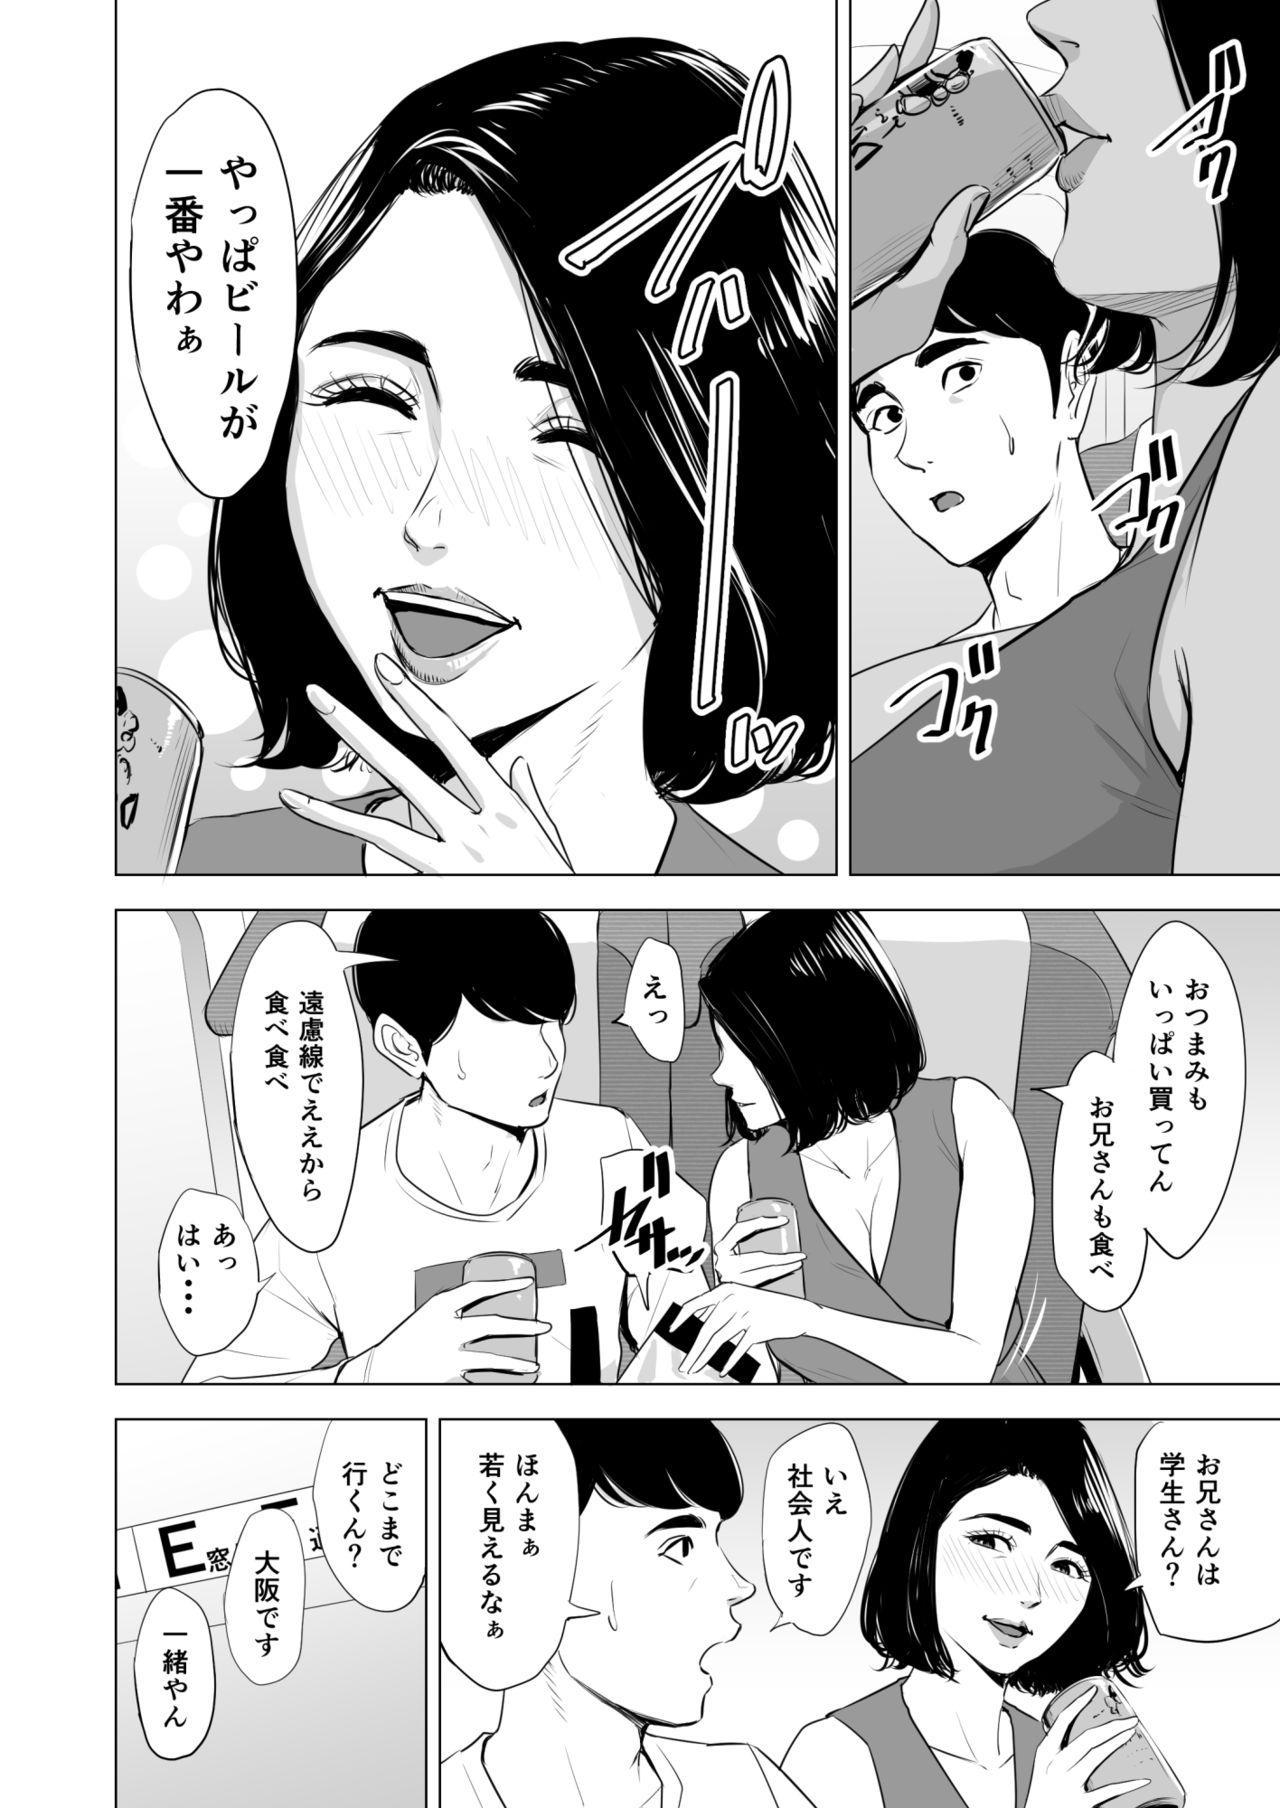 Shinkansen de Nani shiteru!? 7